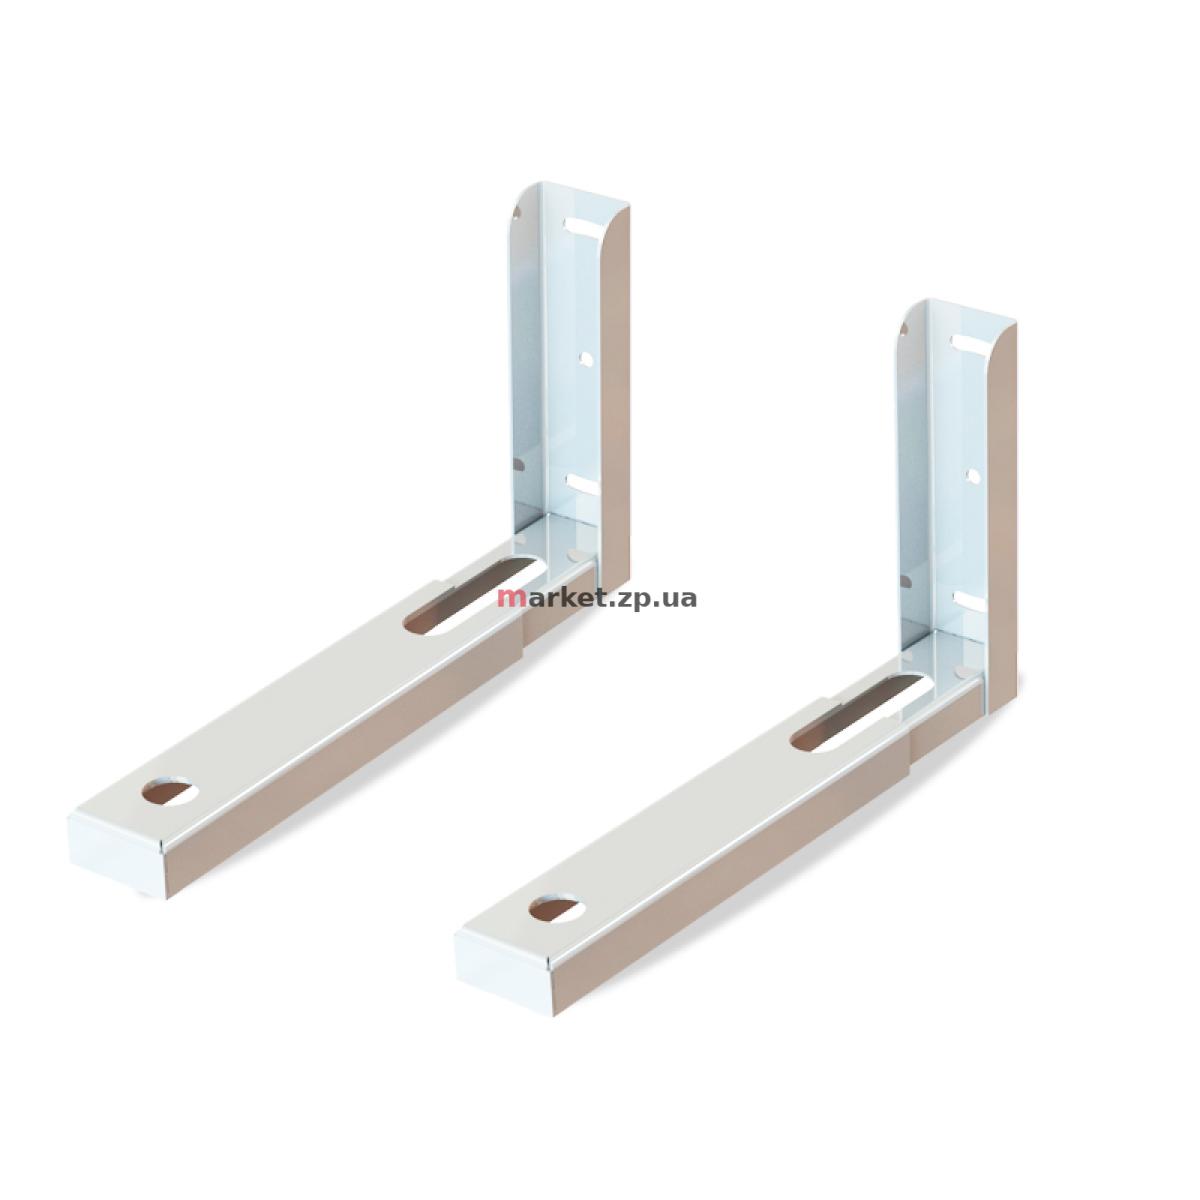 Настенный кронштейн  KSL MW-02-W Белая для СВЧ